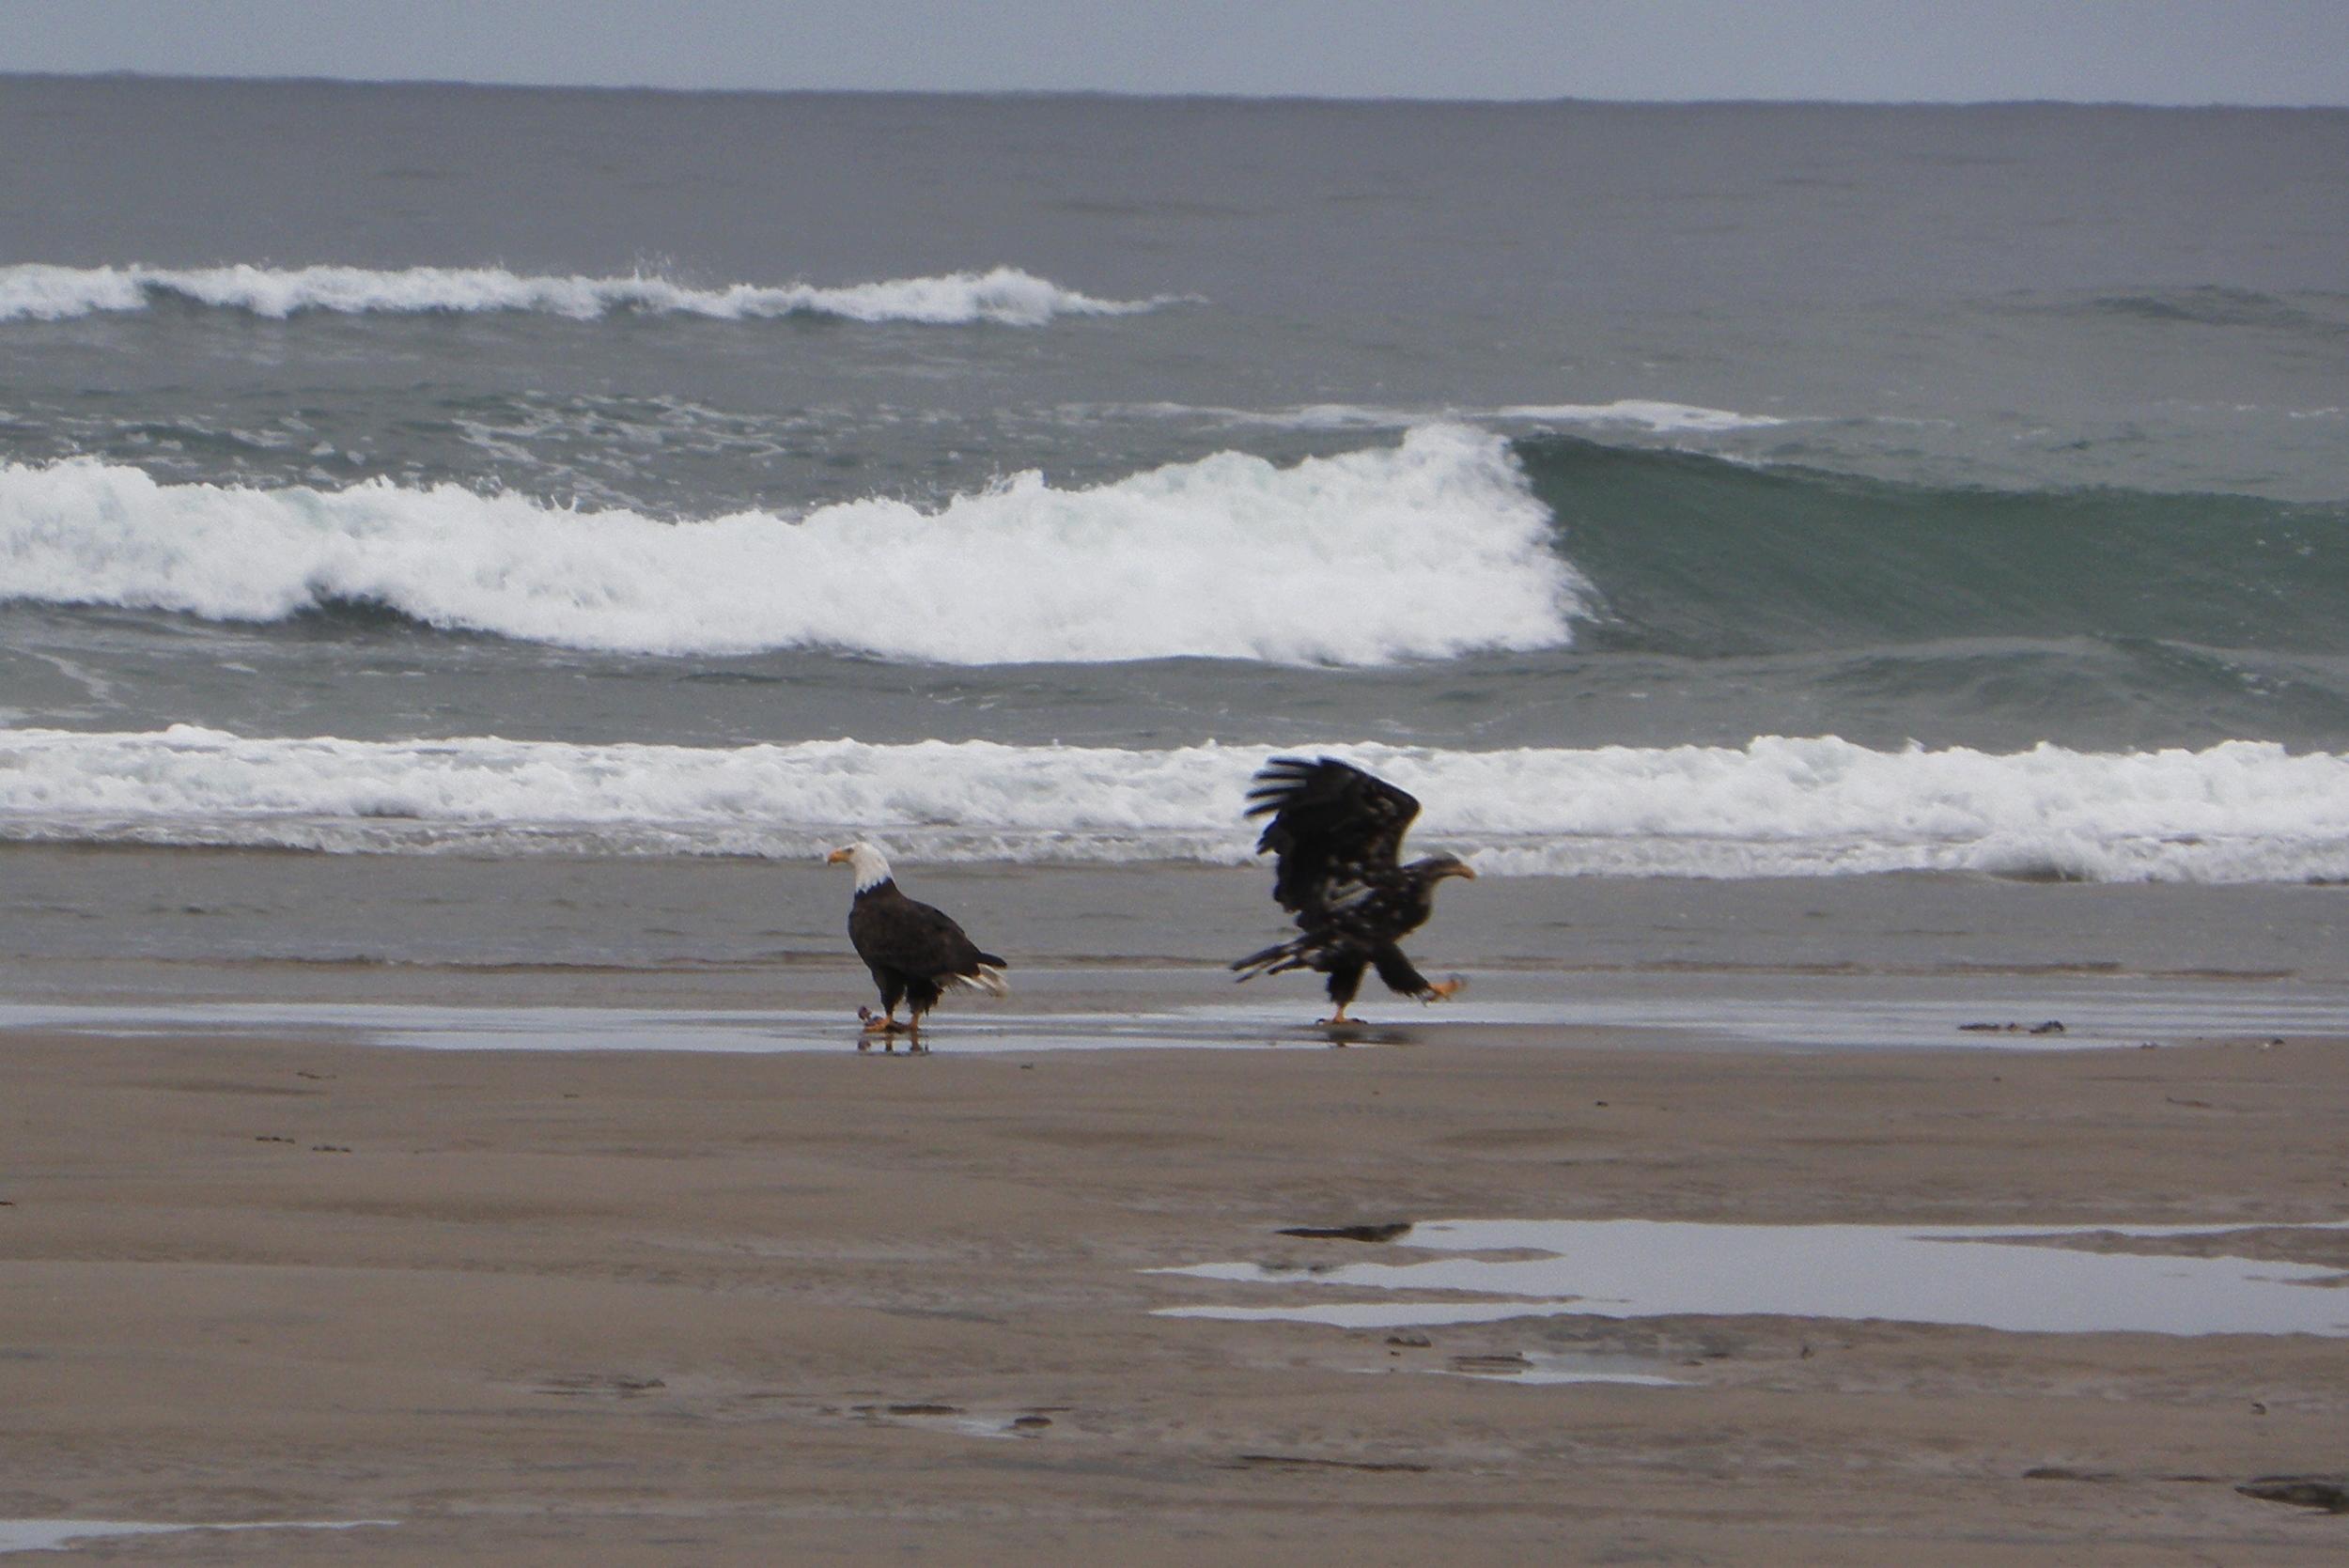 Bald eagles - youth has an attitude - Tillicum Beach Campground, Central Oregon Coast